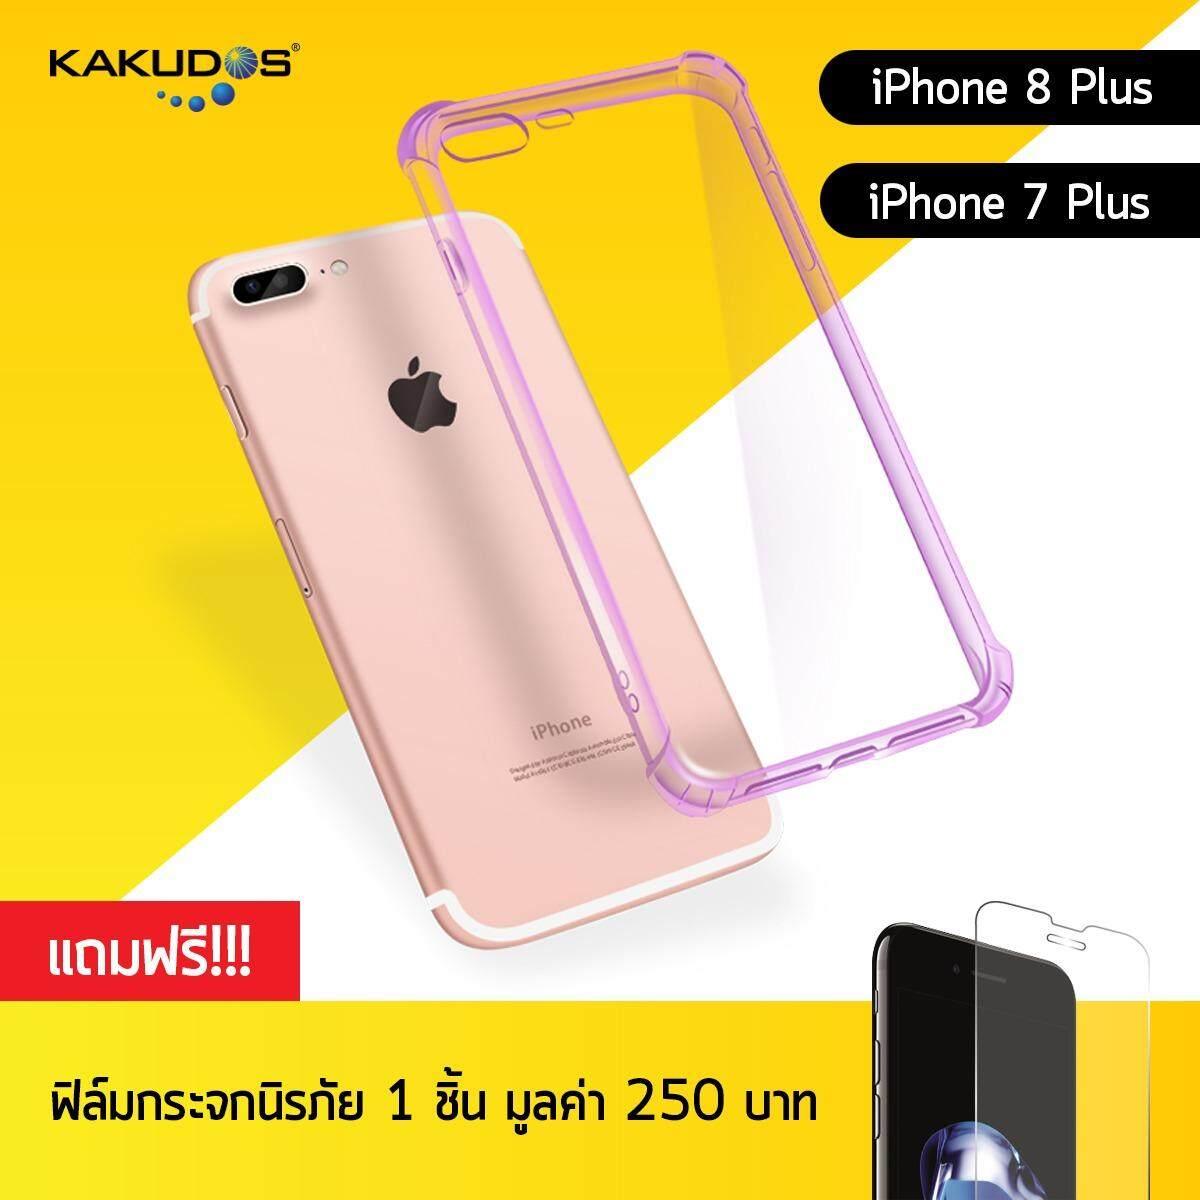 ขาย ซื้อ Kakudos Bumper Case เคสใสซิลิโคนกันกระแทก สำหรับ Iphone 7 Plus Iphone 8 Plus สีม่วง กรุงเทพมหานคร